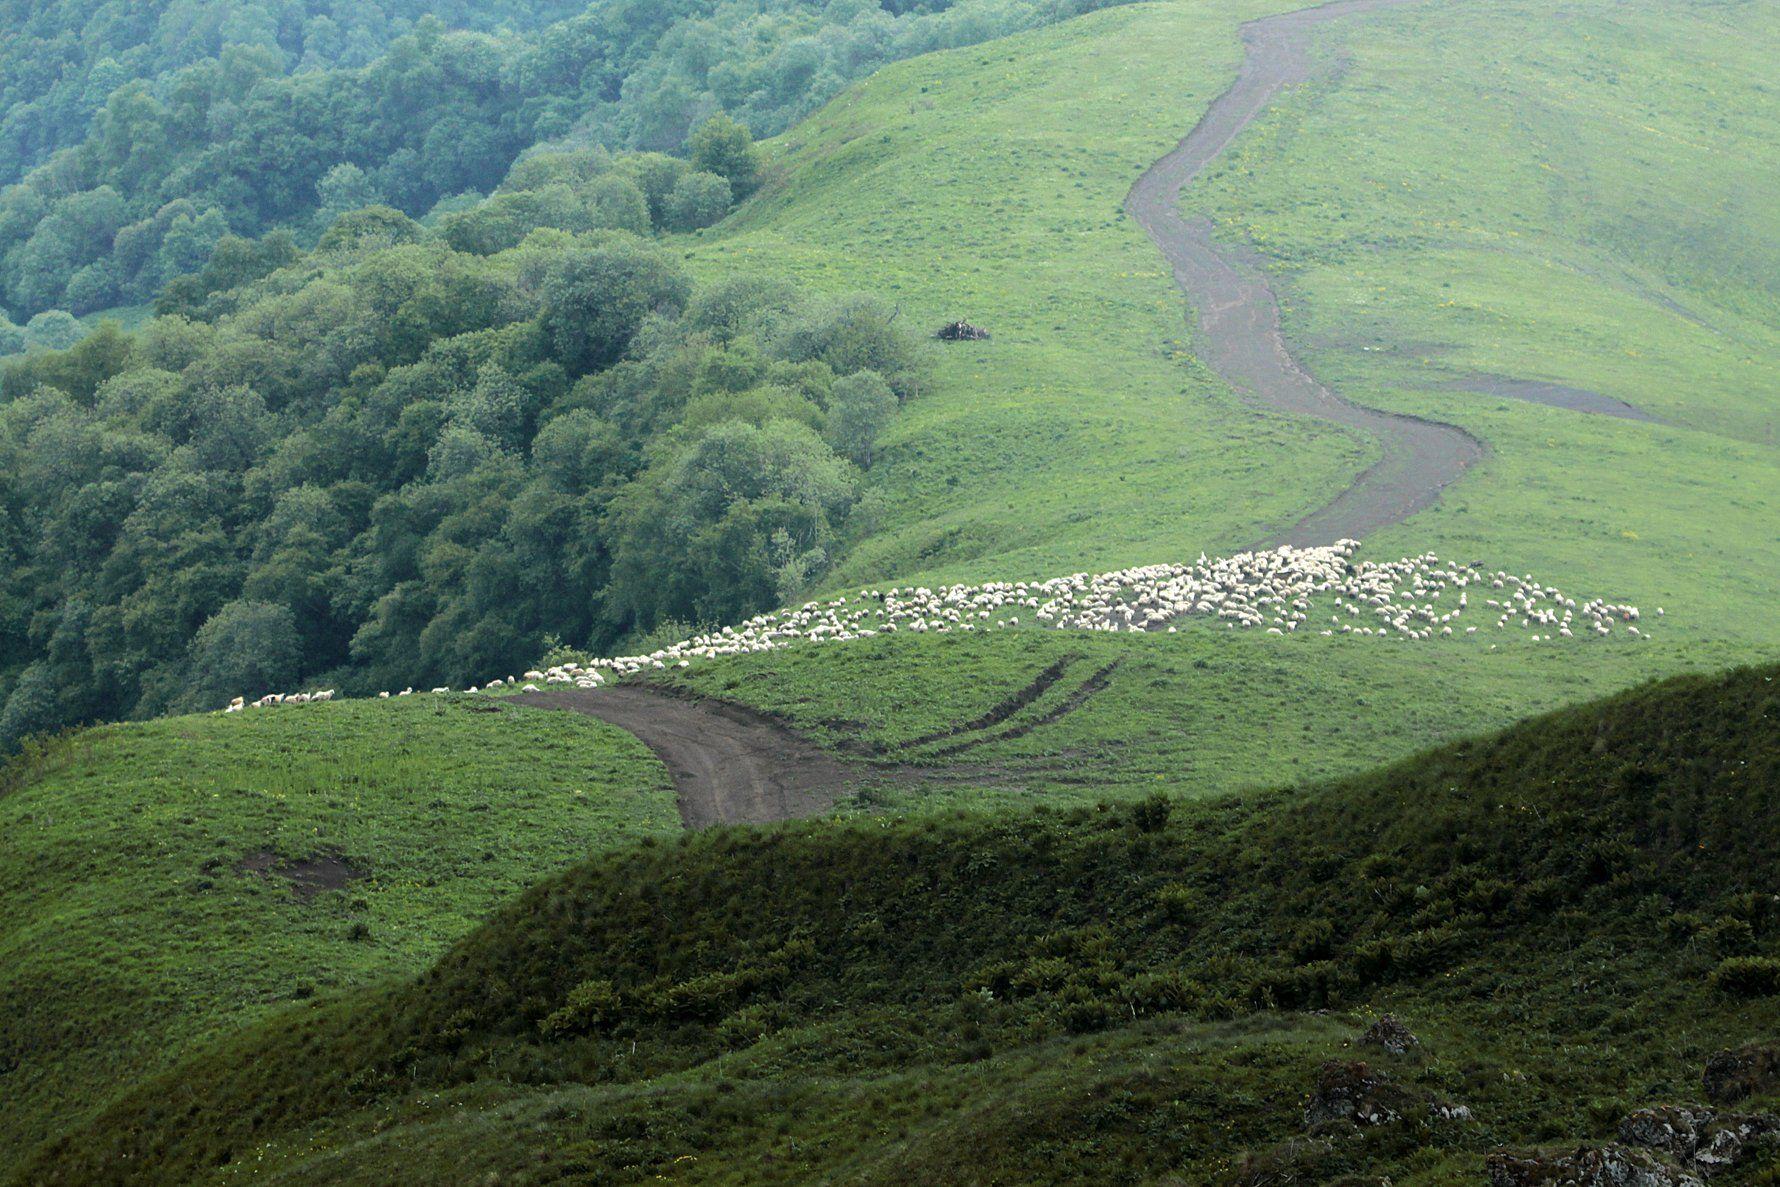 овцы,горы,пейзаж,горный пейзаж,весна,чечня,северный кавказ,, Magov Marat